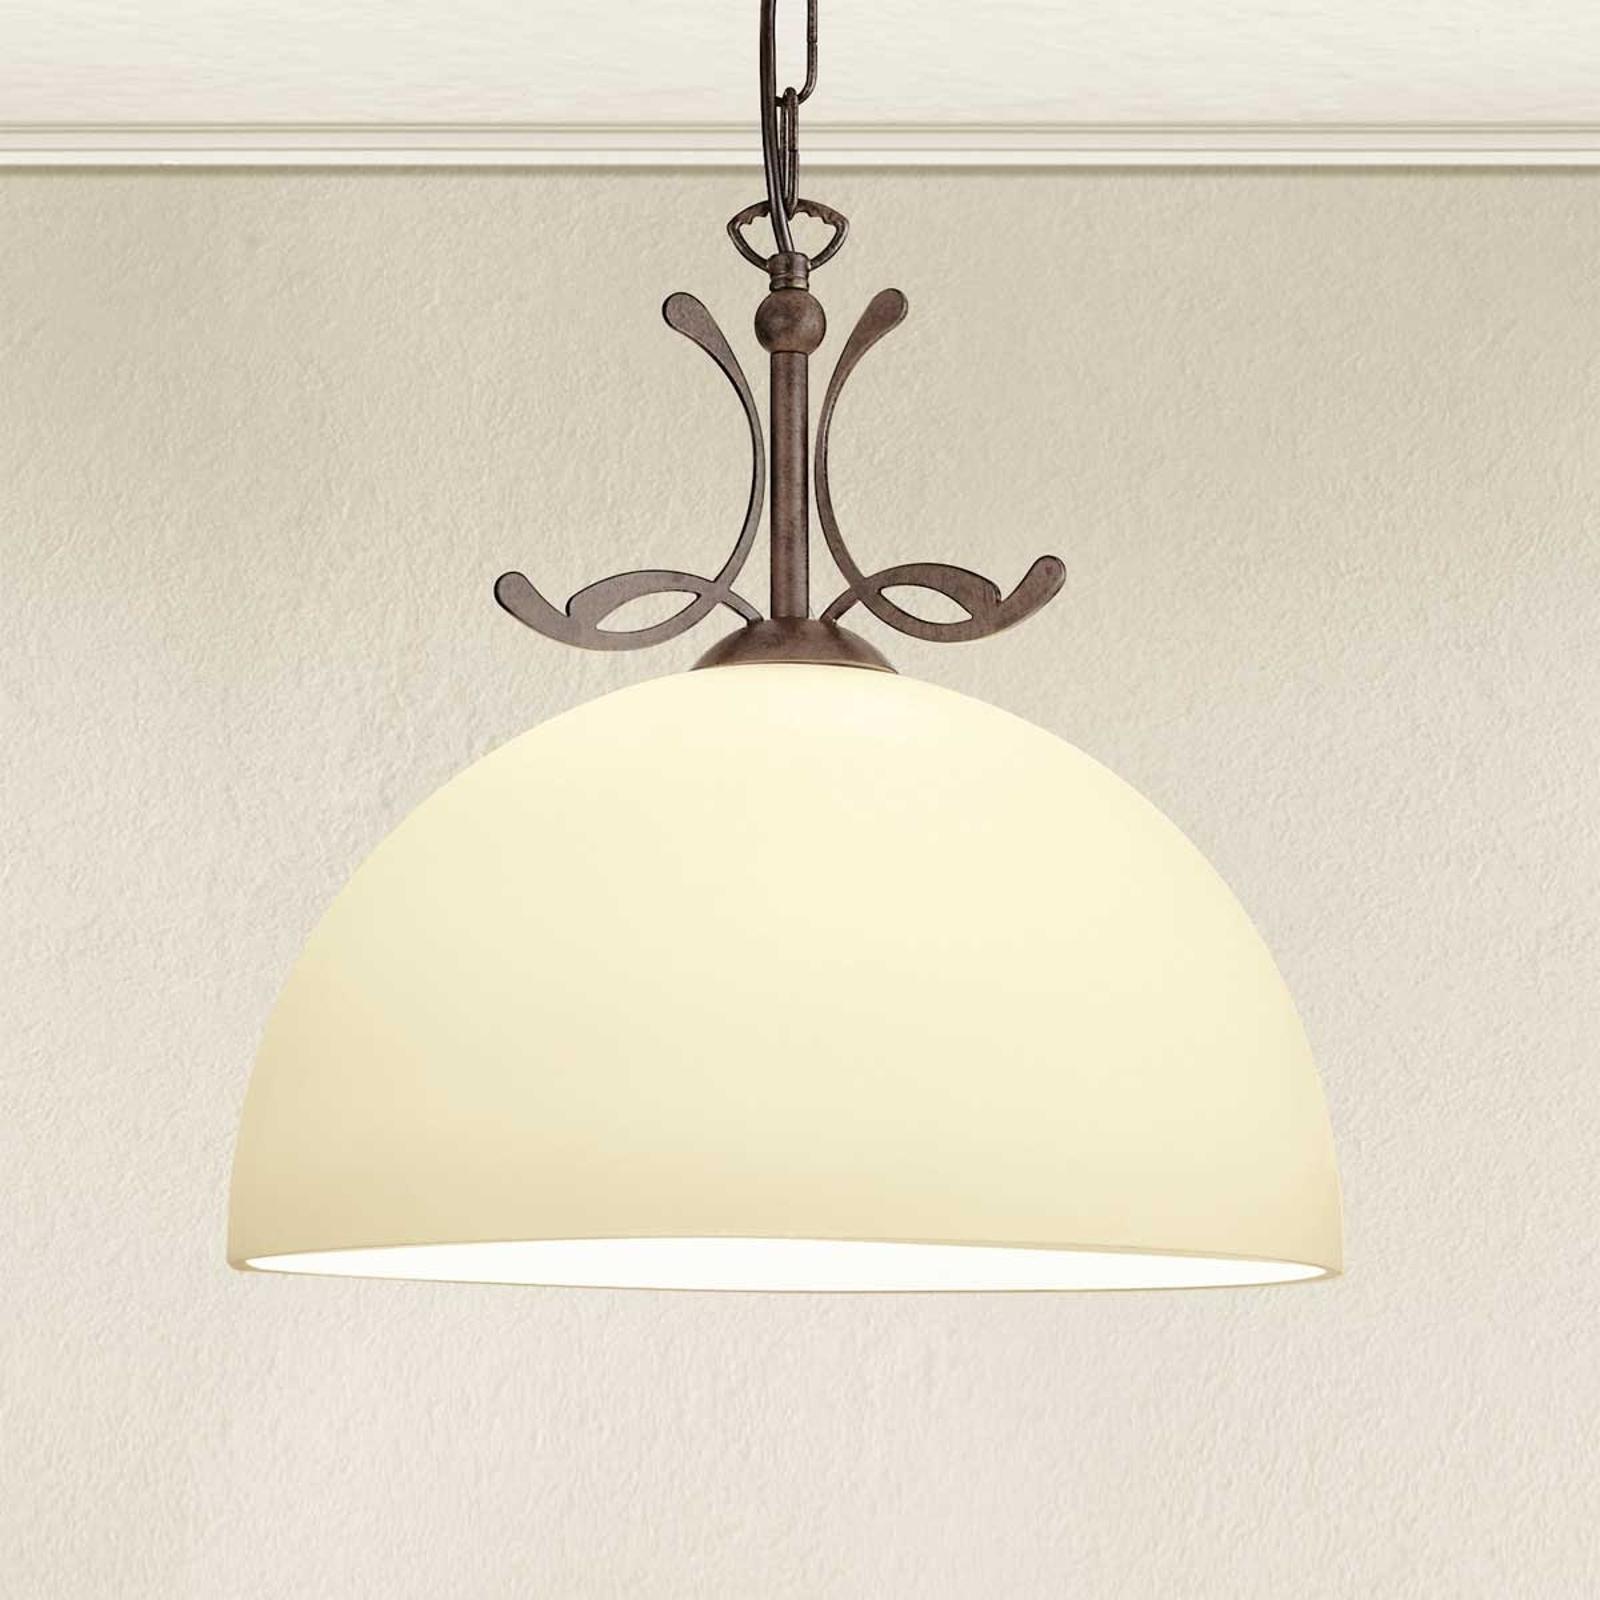 Lampa wisząca styl dworkowy Lorenzo